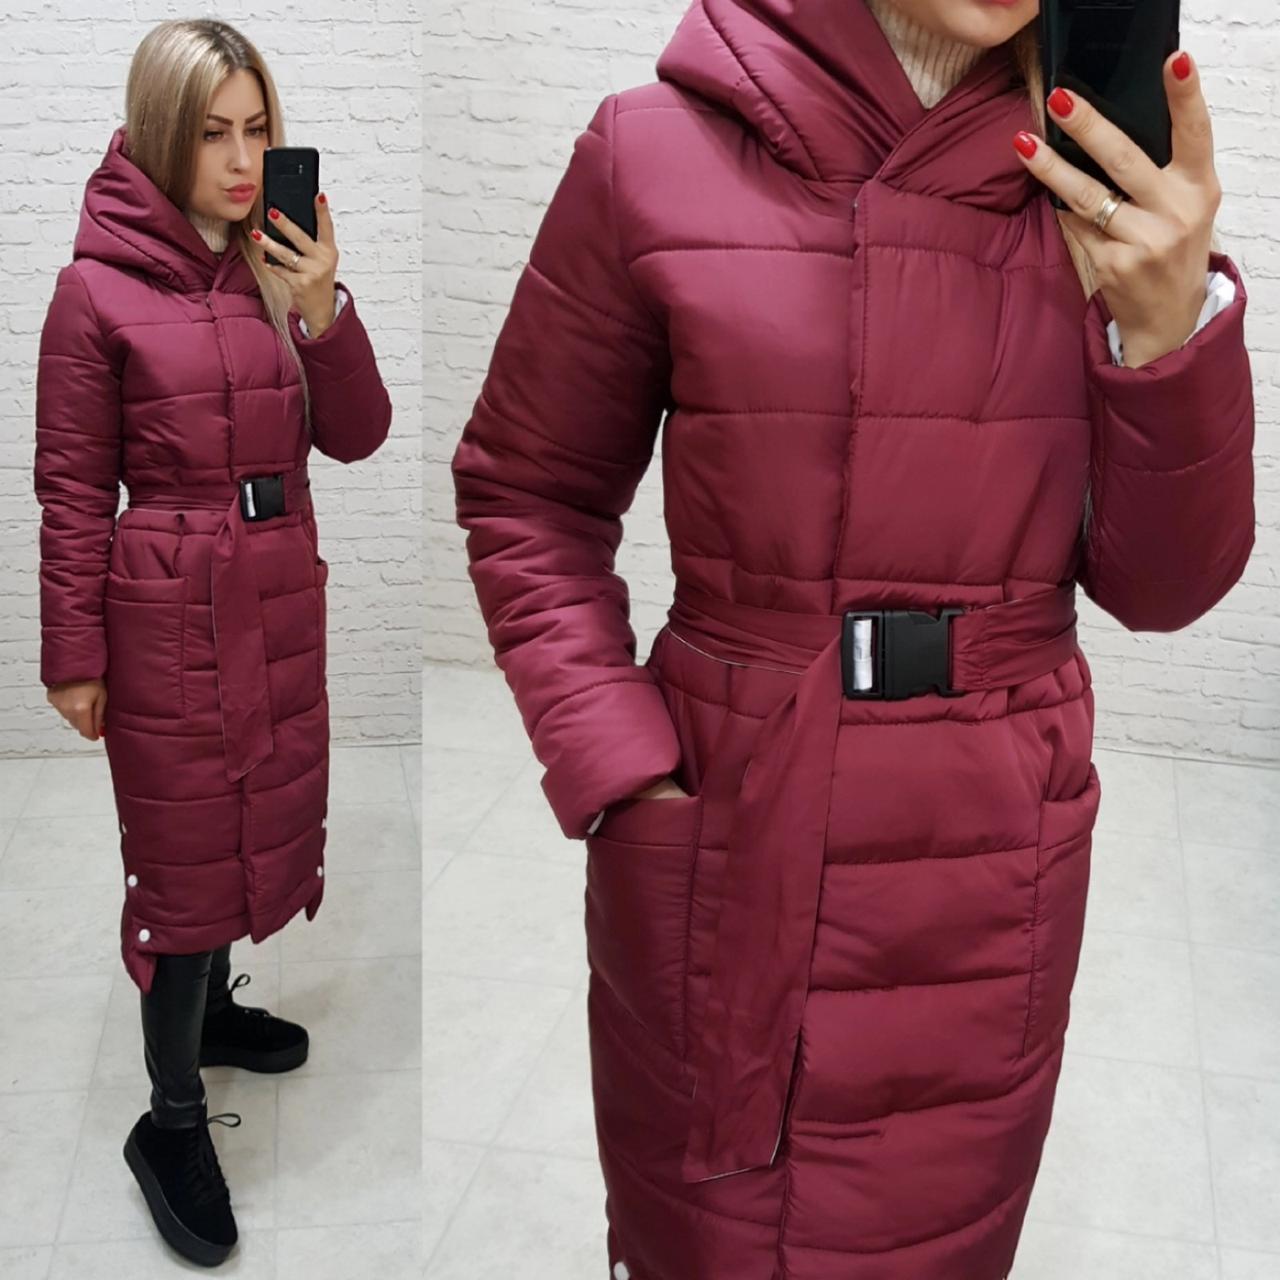 Зимовий тепле пальто з поясом і капюшоном, артикул 032, колір марсала